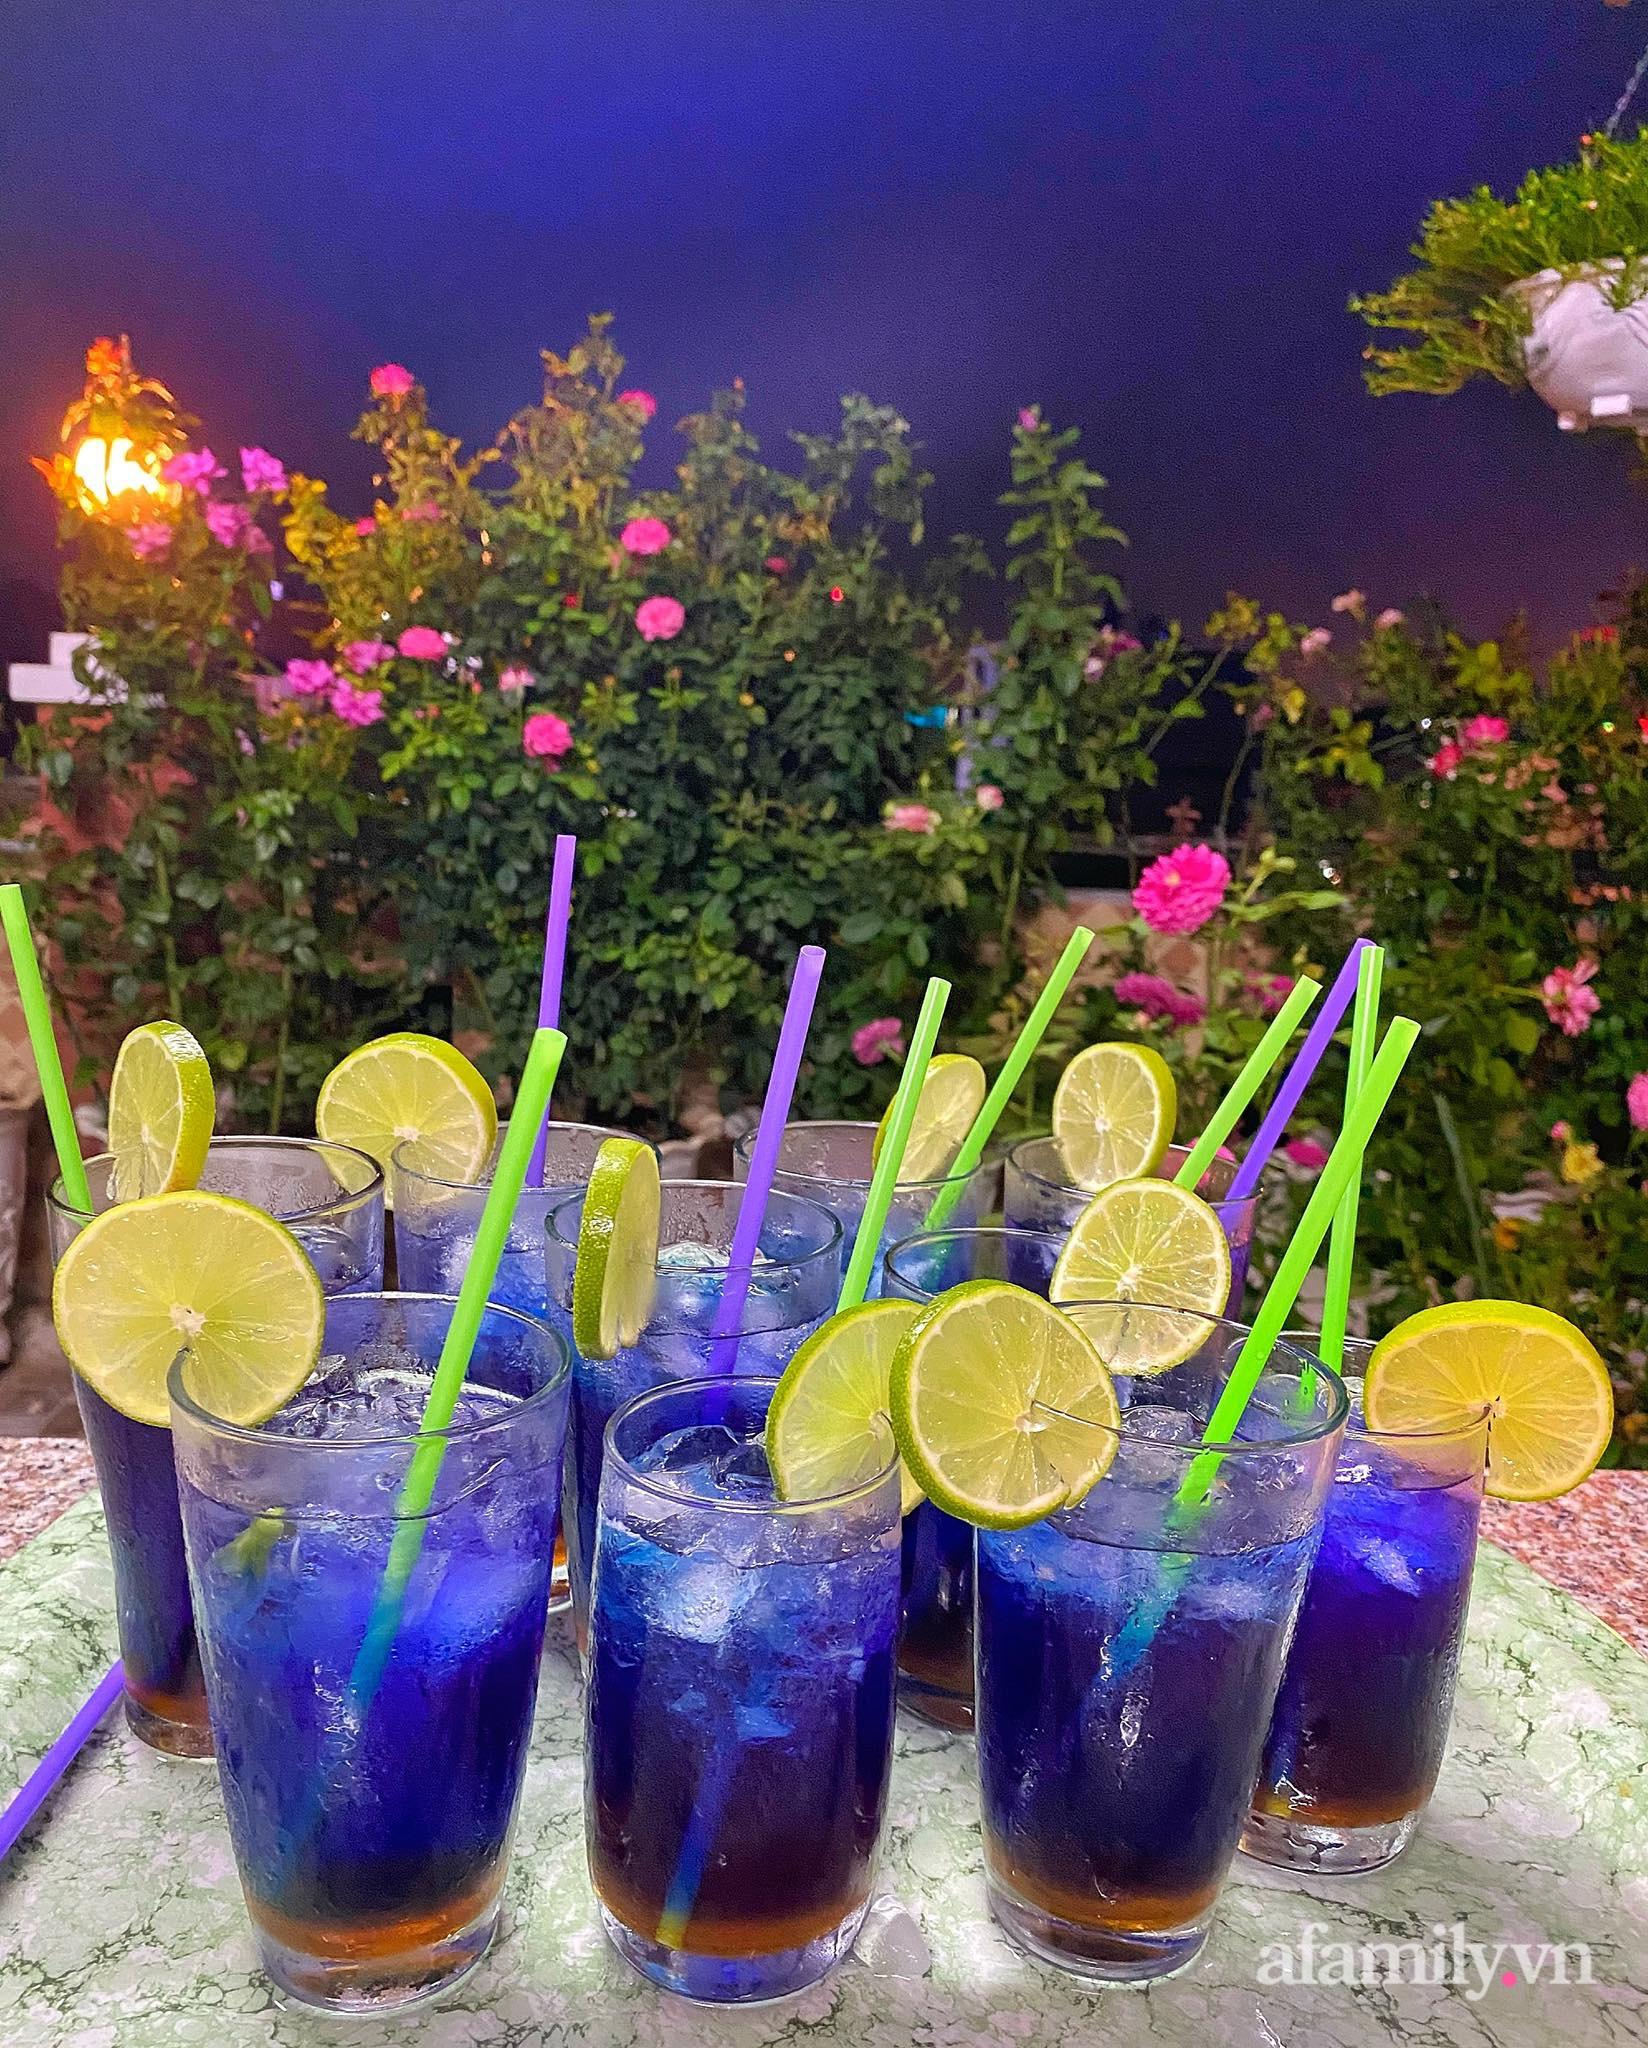 Sân thượng phủ kín hoa hồng và rau quả sạch ở Sài Gòn của Hoa hậu Janny Thủy Trần-31